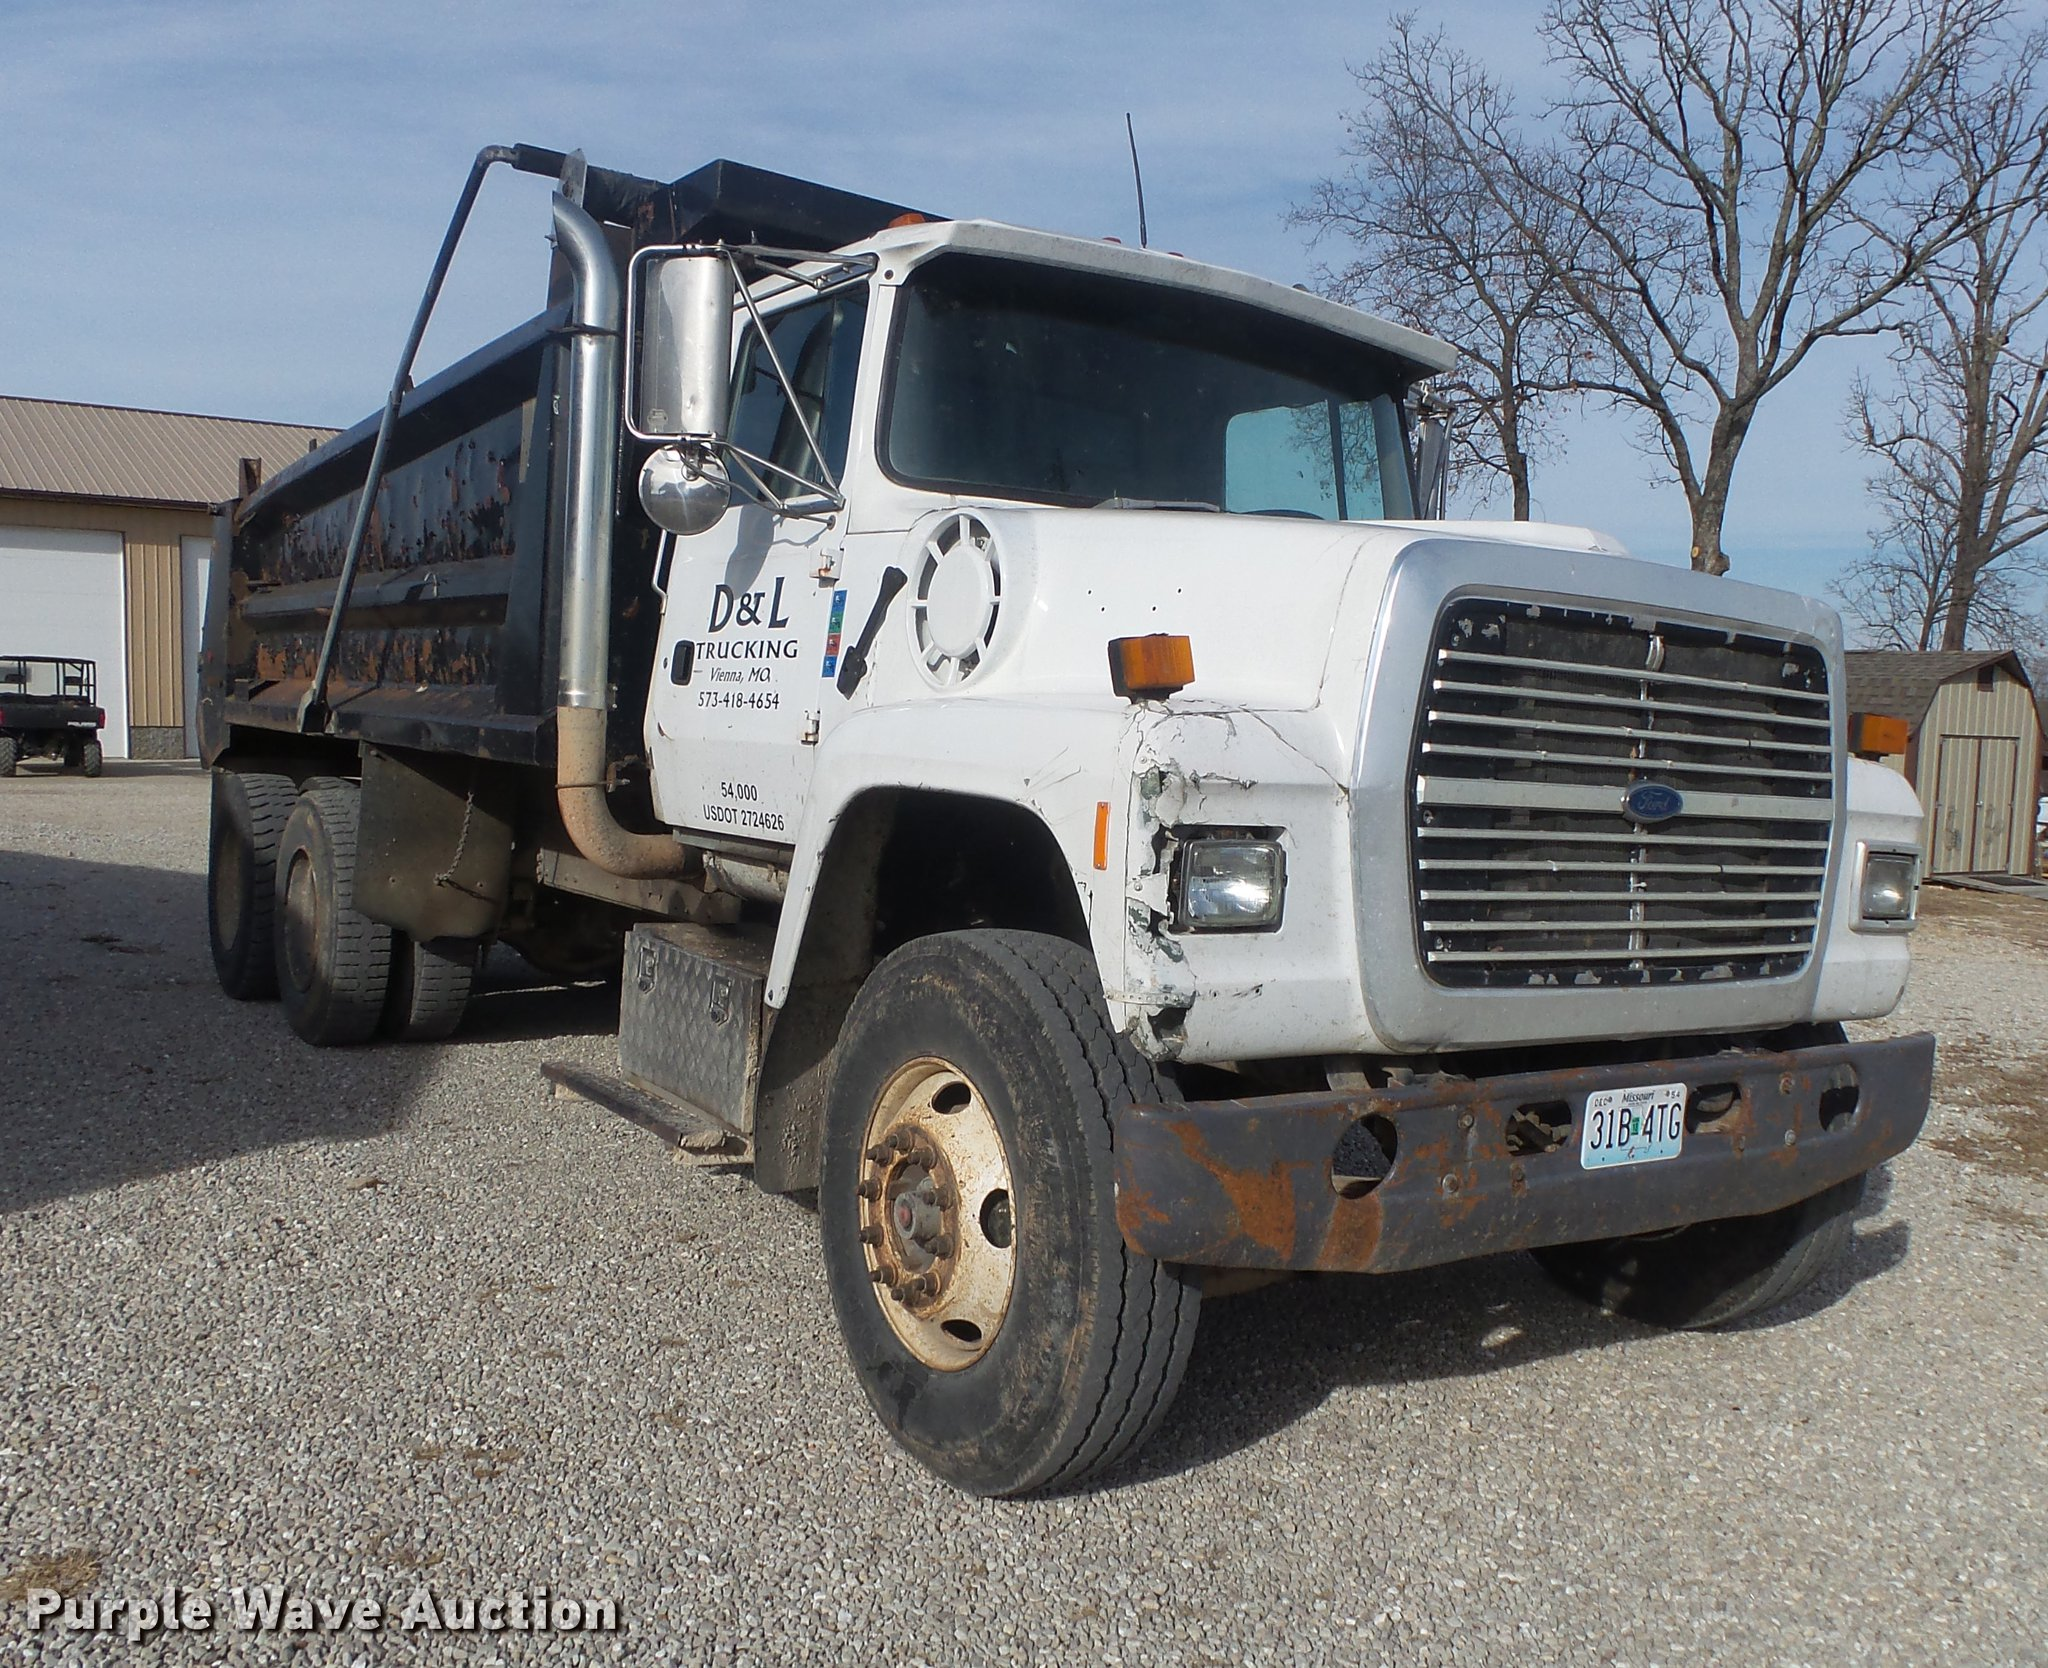 ... 1993 Ford L9000 dump truck Full size in new window ...